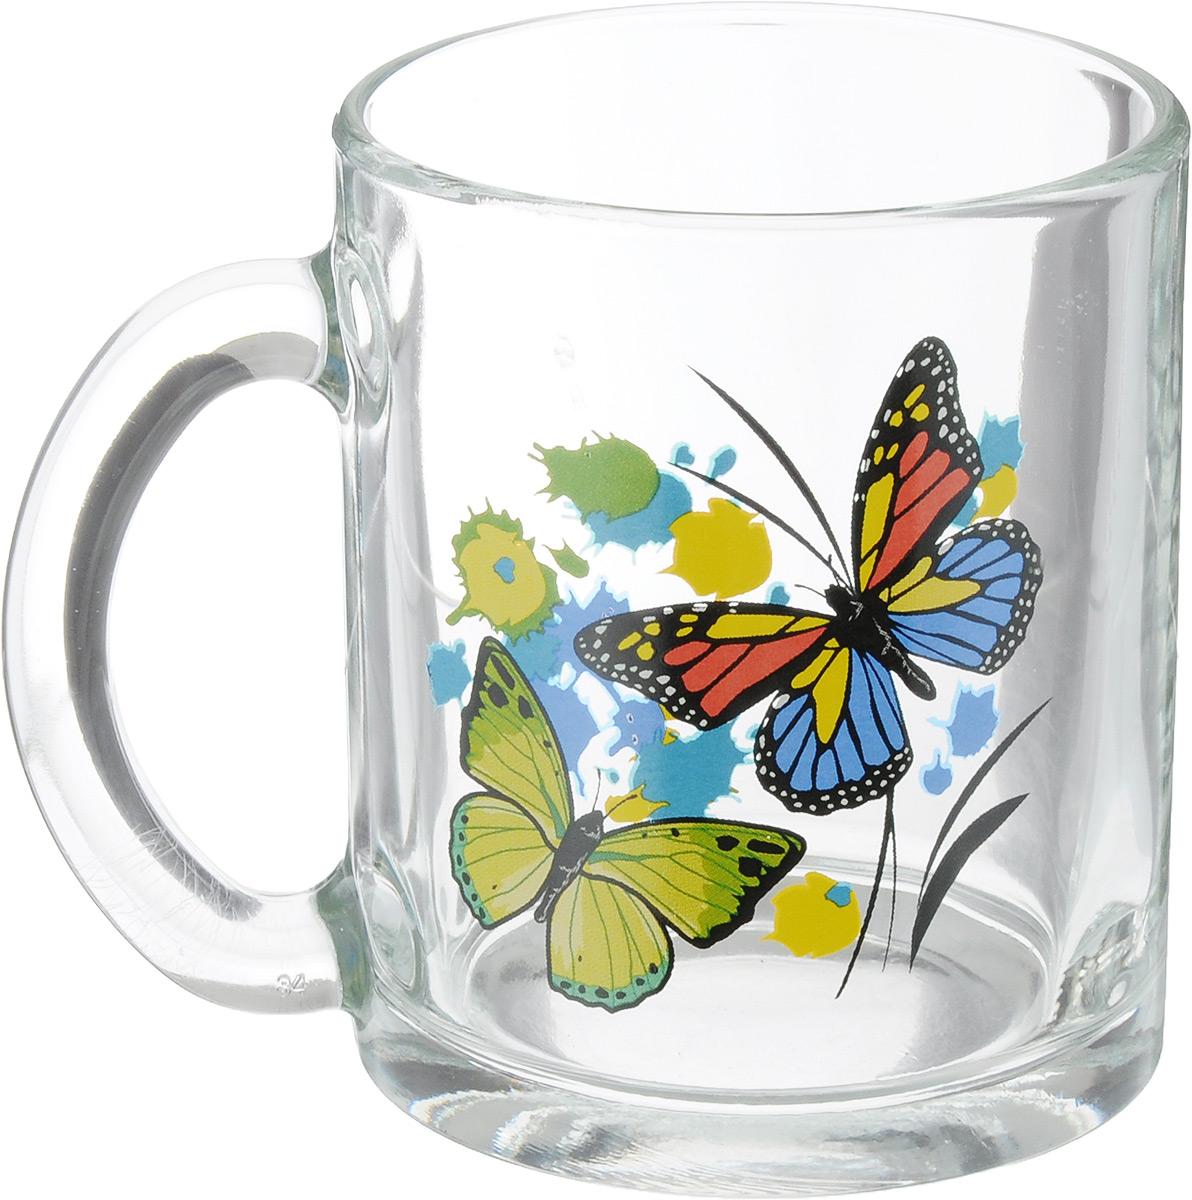 """Кружка OSZ """"Чайная. Танец бабочек"""" изготовлена из прозрачного стекла и украшена красивым  рисунком. Изделие идеально подходит для сервировки стола.Кружка не только украсит ваш  кухонный стол, но и подчеркнет прекрасный вкус хозяйки. Диаметр кружки (по верхнему  краю): 8 см. Высота кружки: 9,5 см. Объем кружки: 320 мл."""